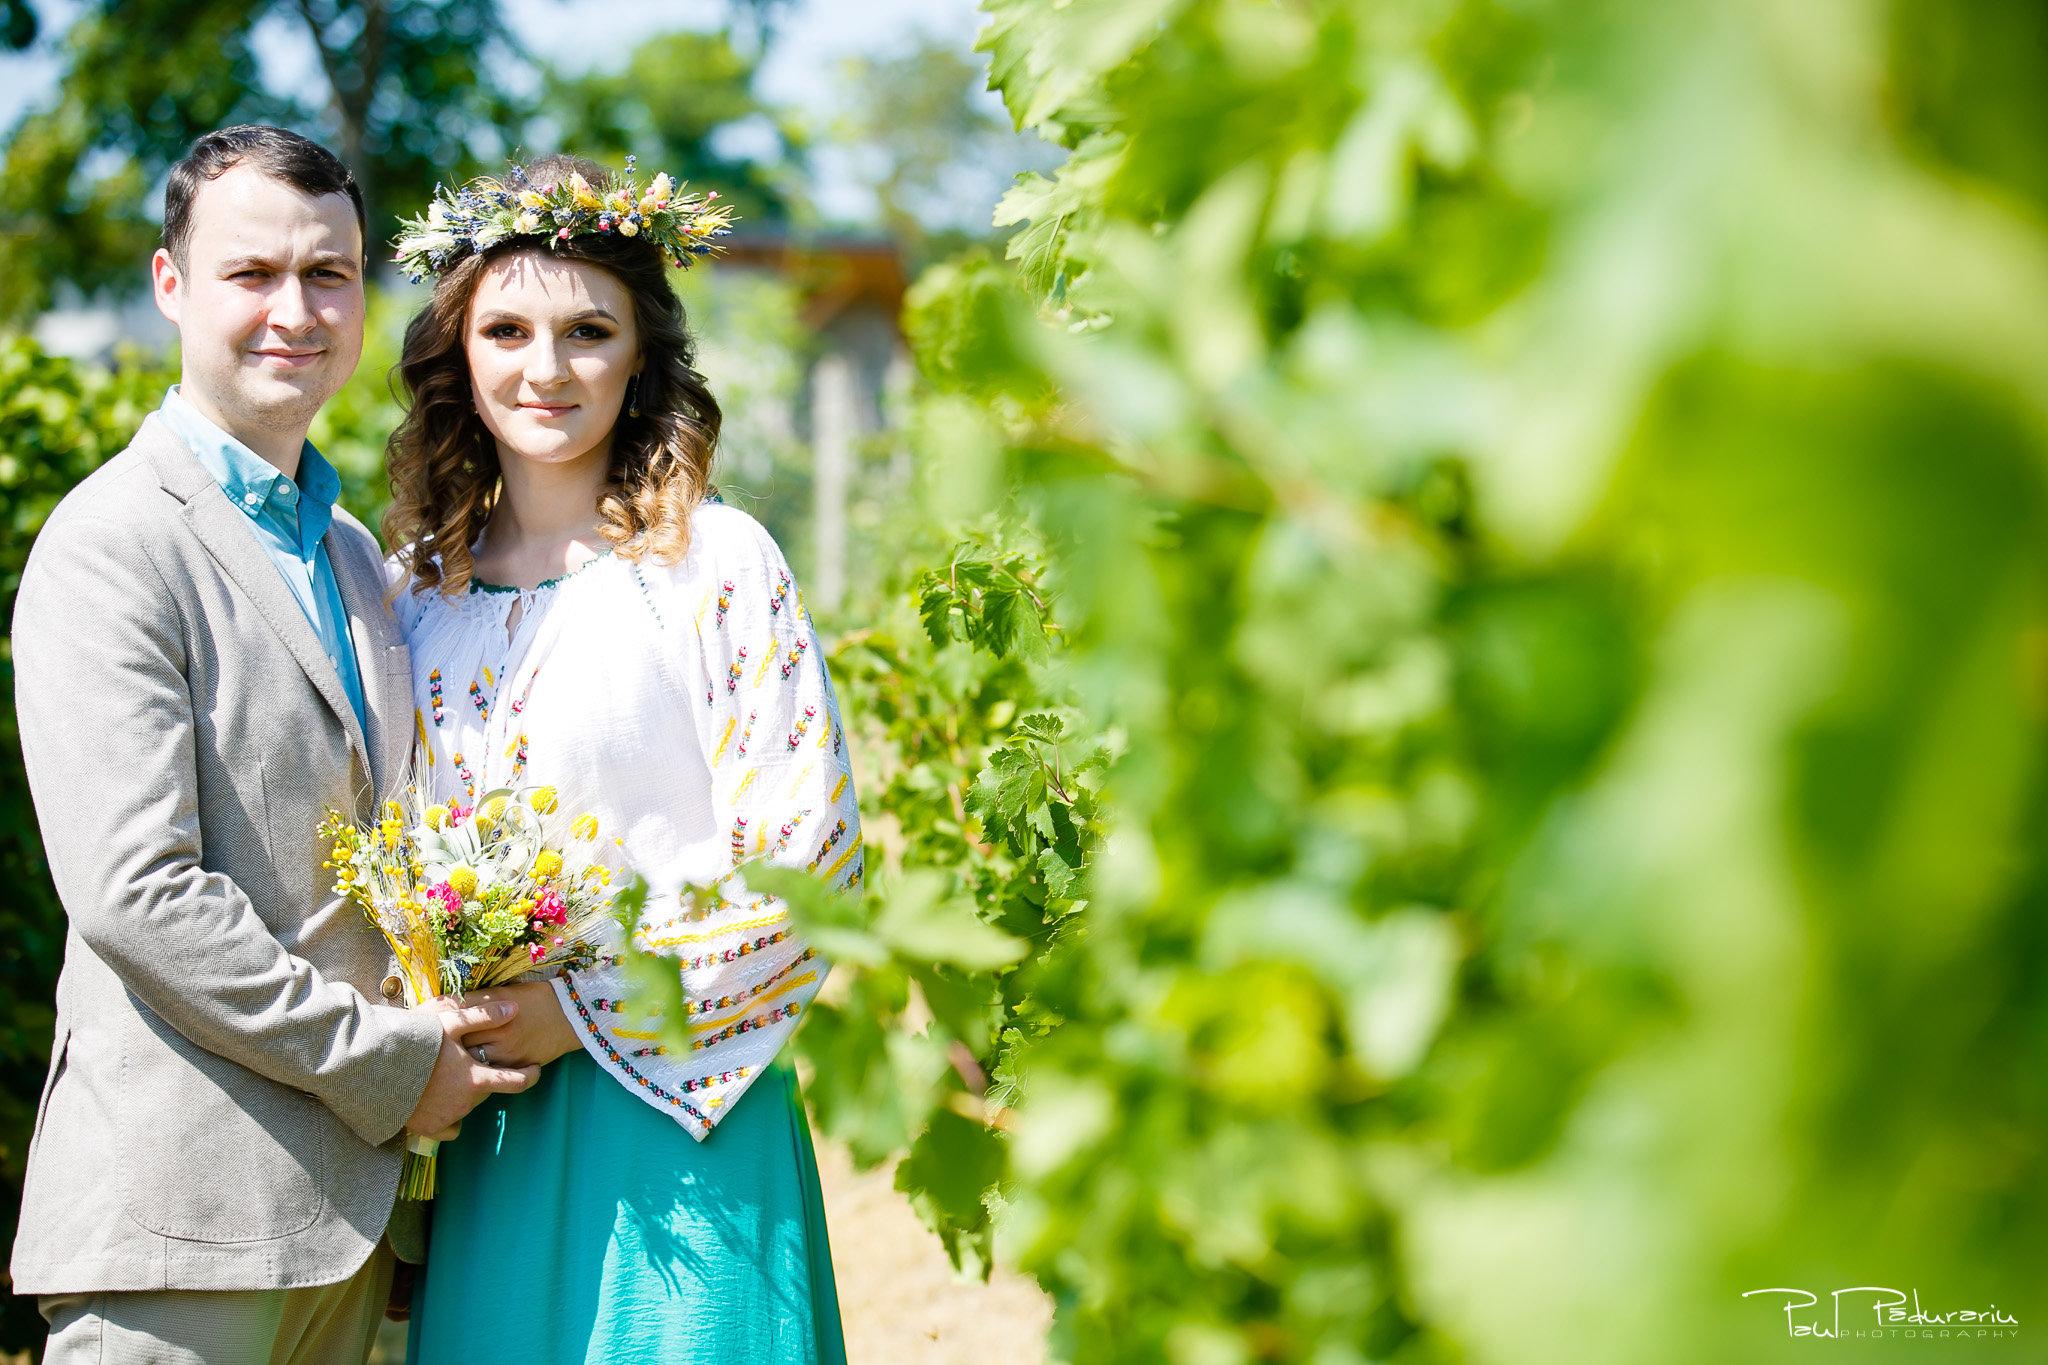 Alexandra si Vlad cununie civila Rediu sedinta foto in vie fotograf de nunta iasi www.paulpadurariu.ro © 2017 Paul Padurariu